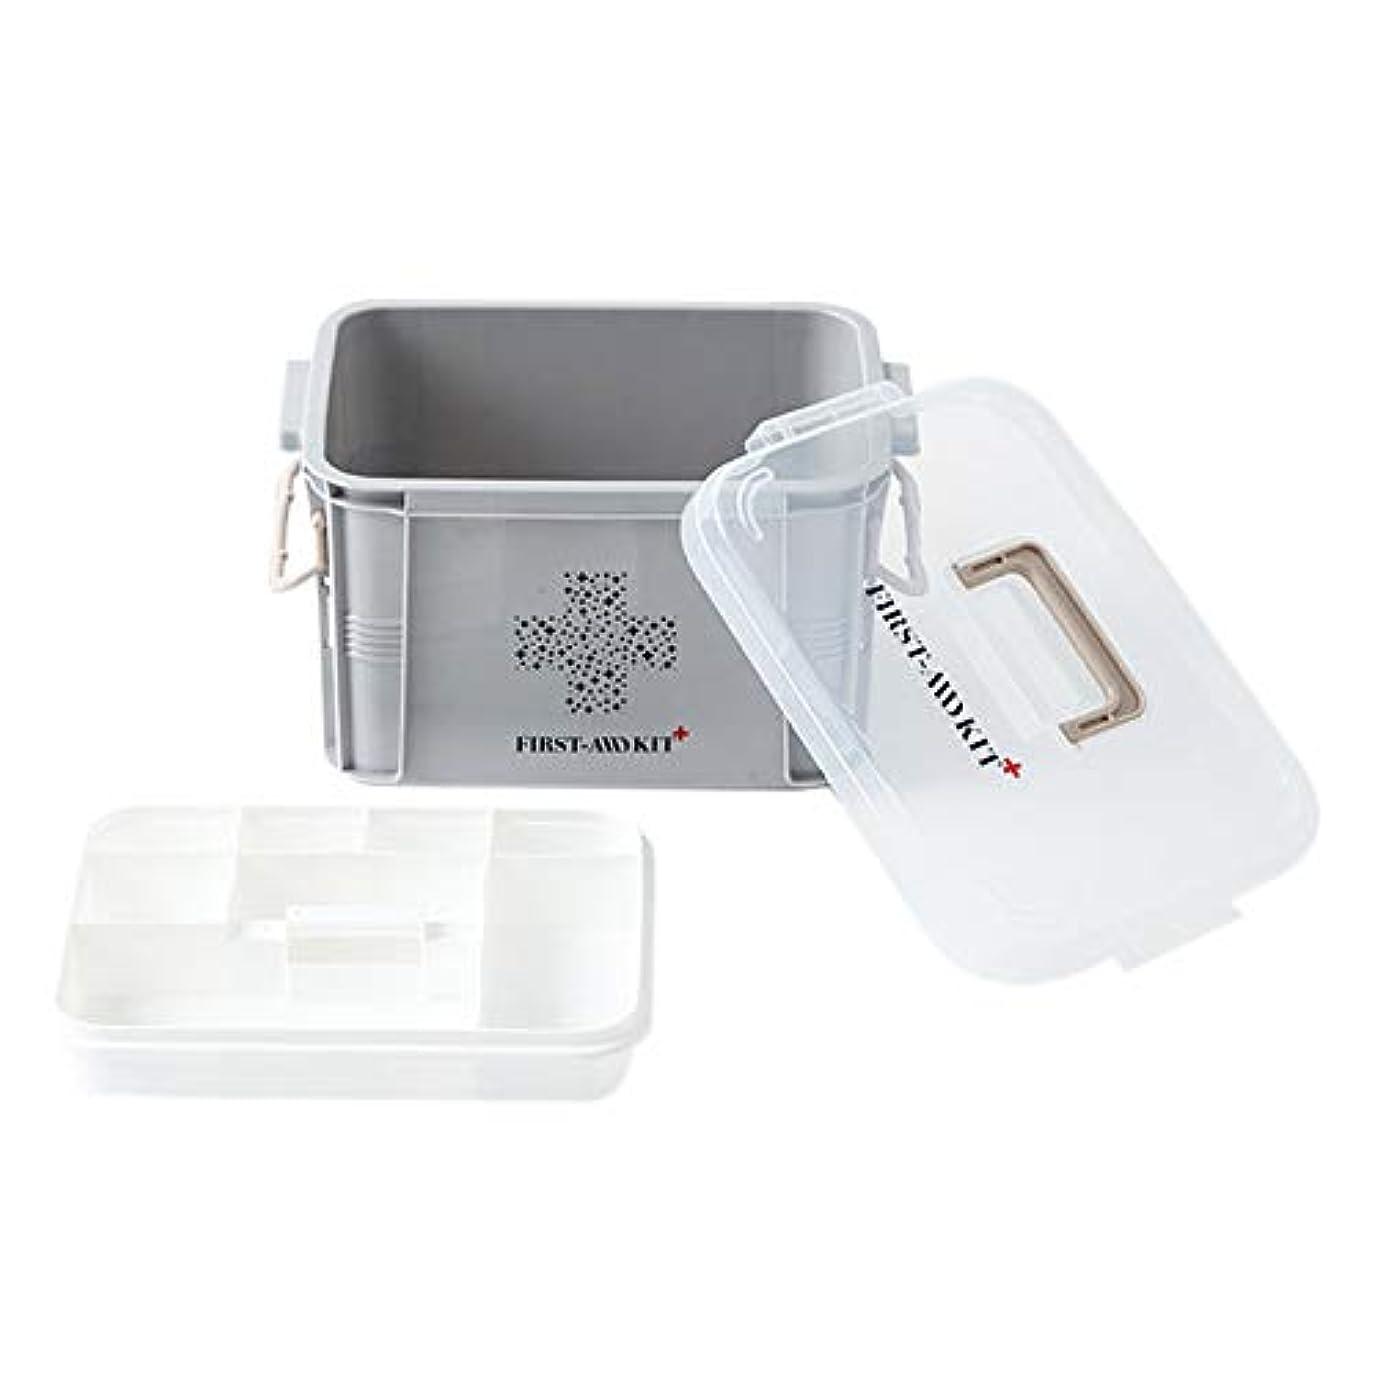 コンテスト名詞フリッパーTOOGOO プラスチック製医療ボックス、収納容器、多層医療箱、北欧家庭用整理ボックス(Sグレー)